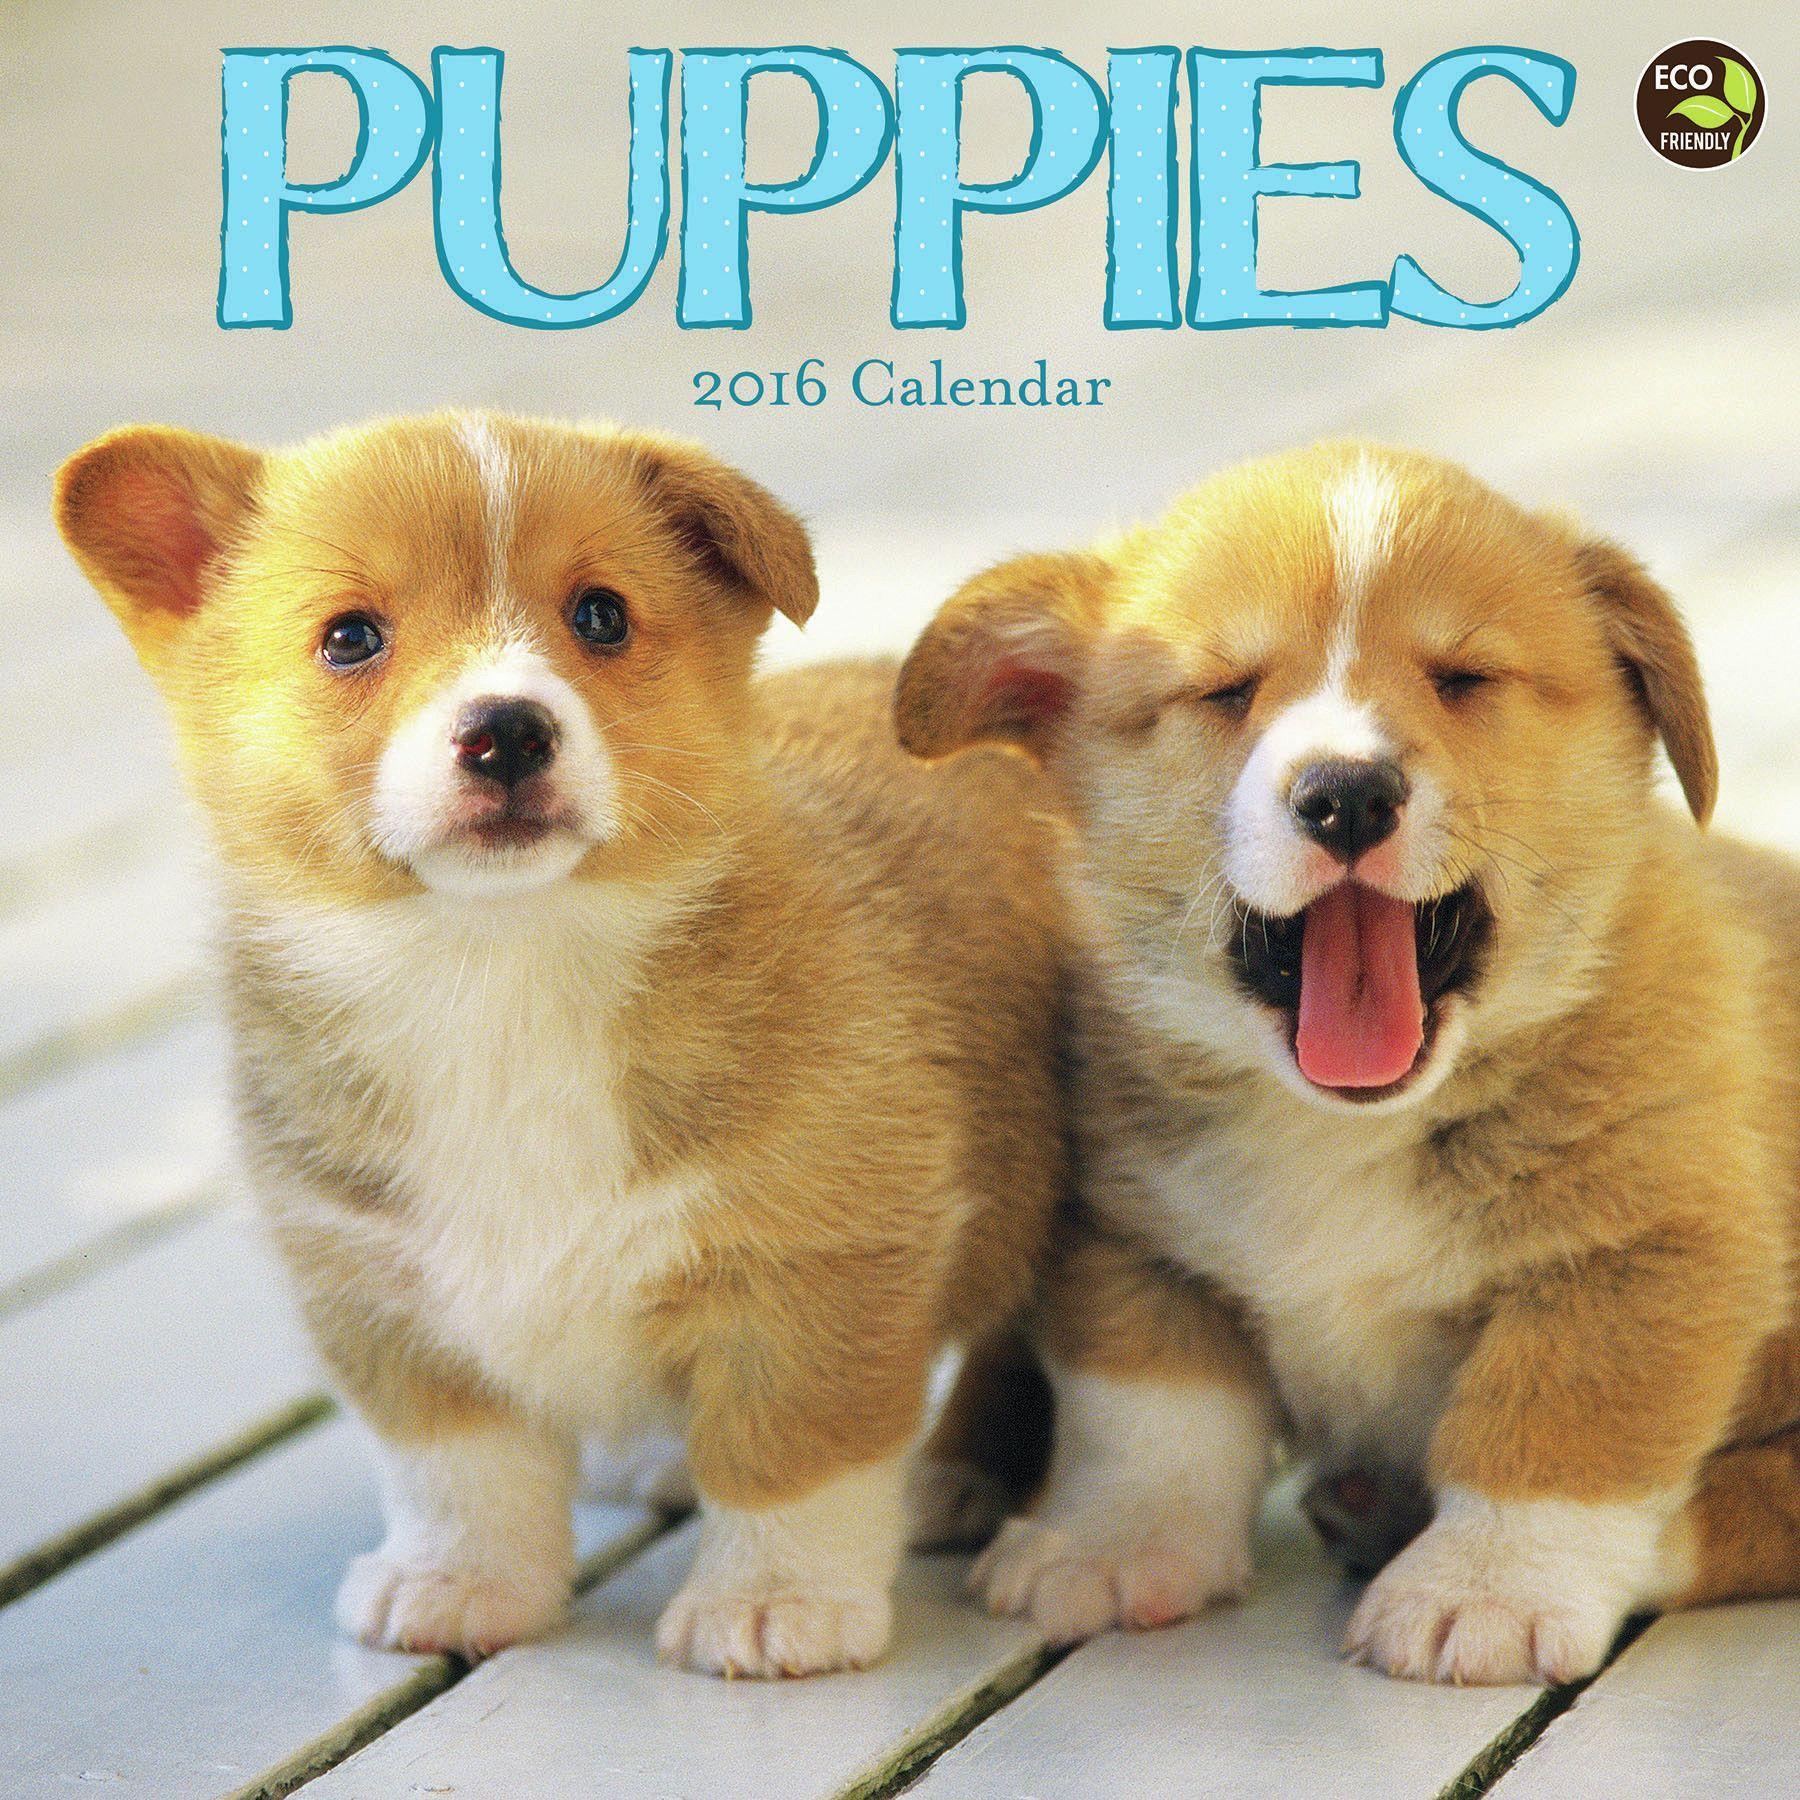 2016 Puppies Wall Calendar